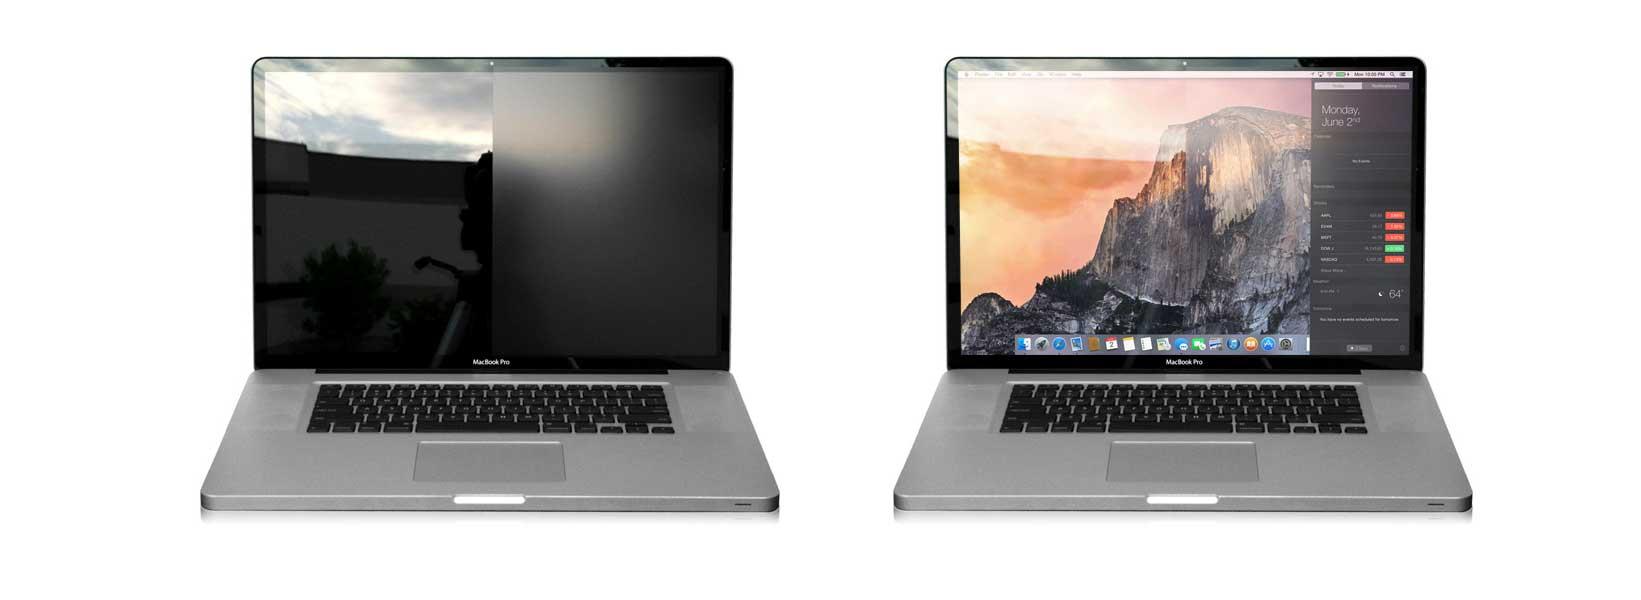 Защищает ли пленка экран MacBook, пленка на экран macbook pro 13 retina